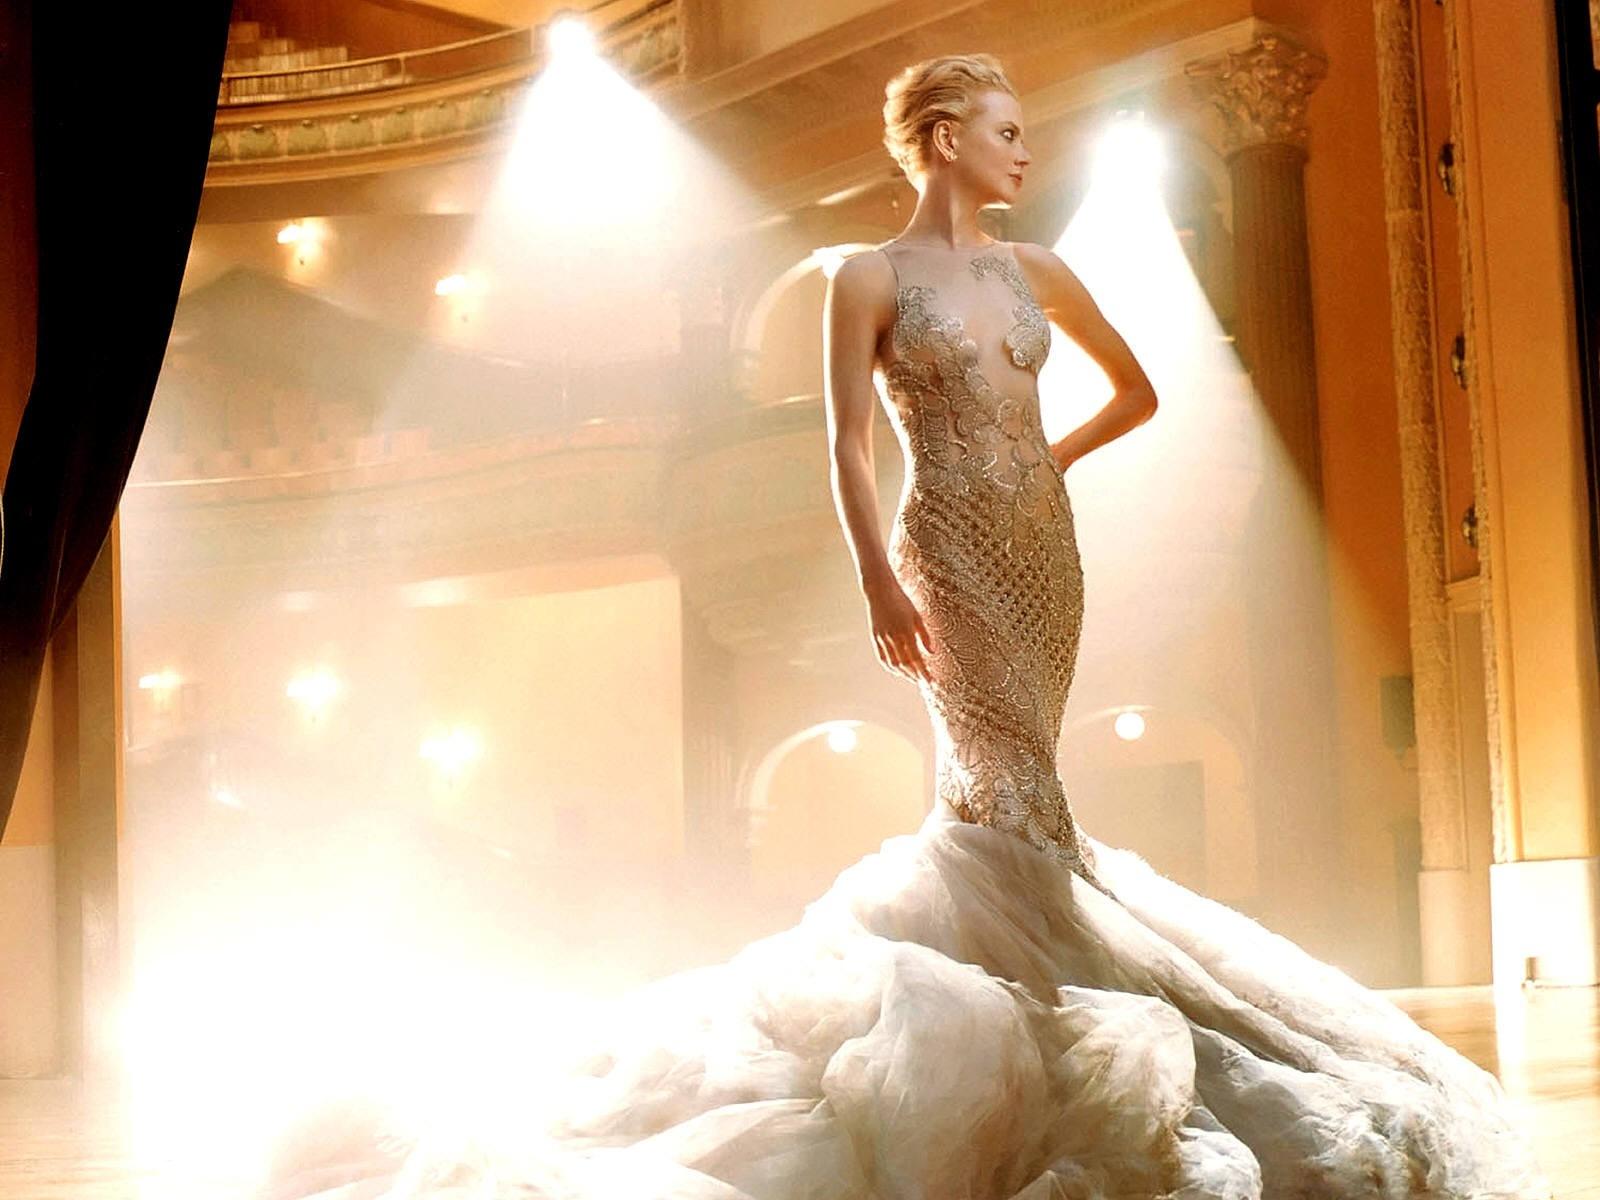 Wallpaper di Nicole Kidman, una delle ultime dive del cinema moderno.